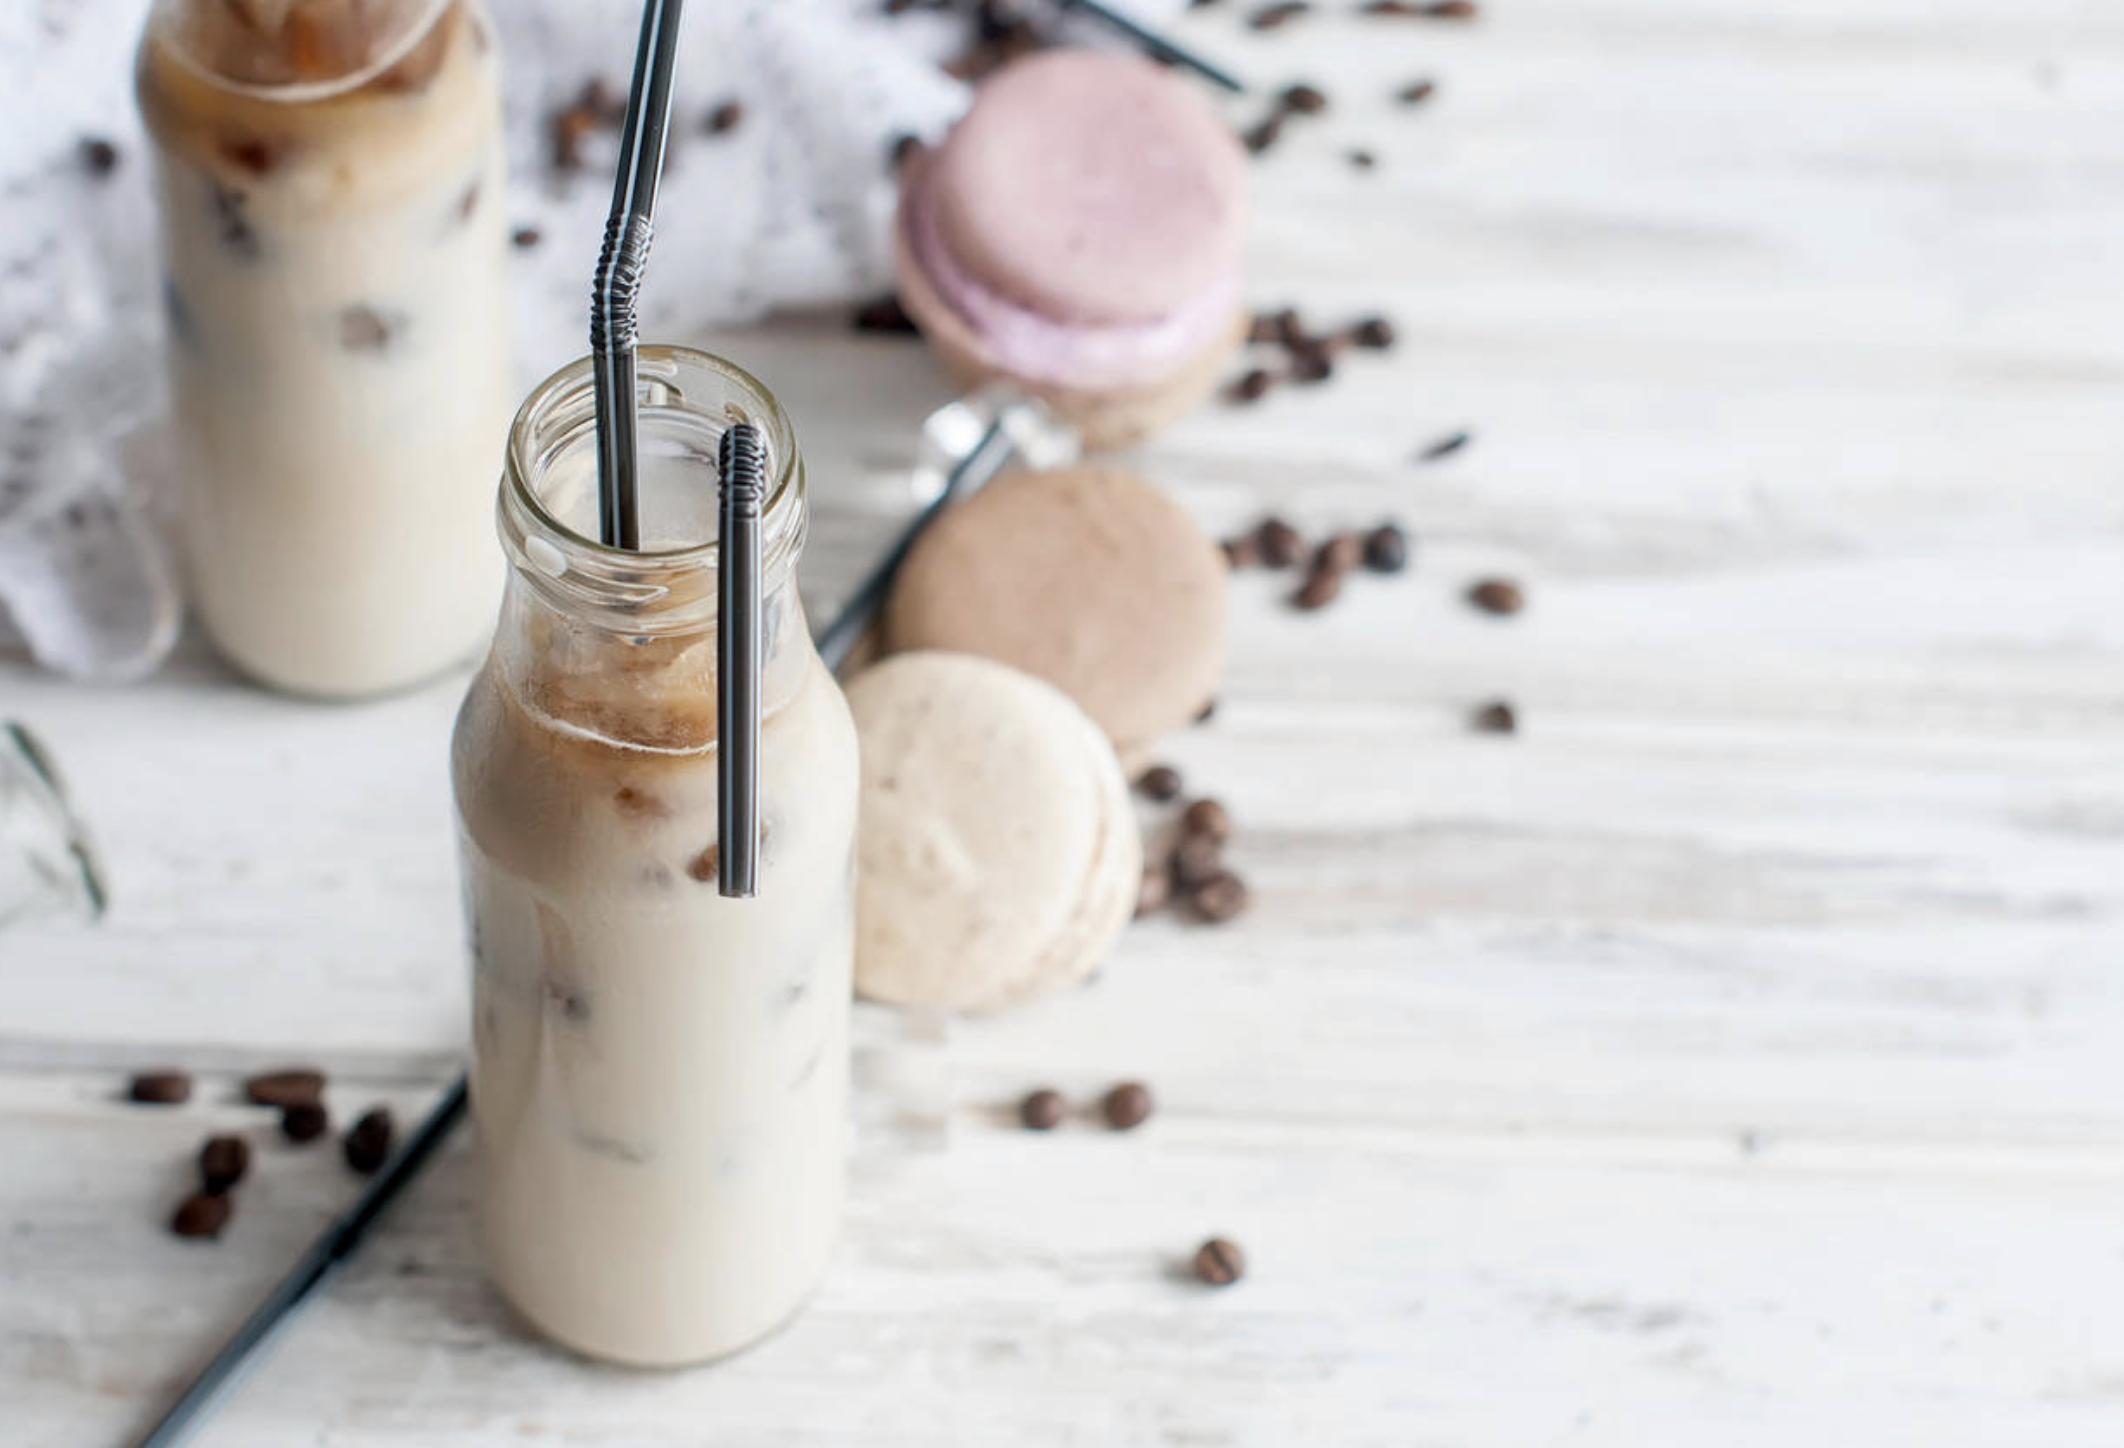 Dubai: Twitterati tear apart coffee in baby bottle trend as cafes warned - News